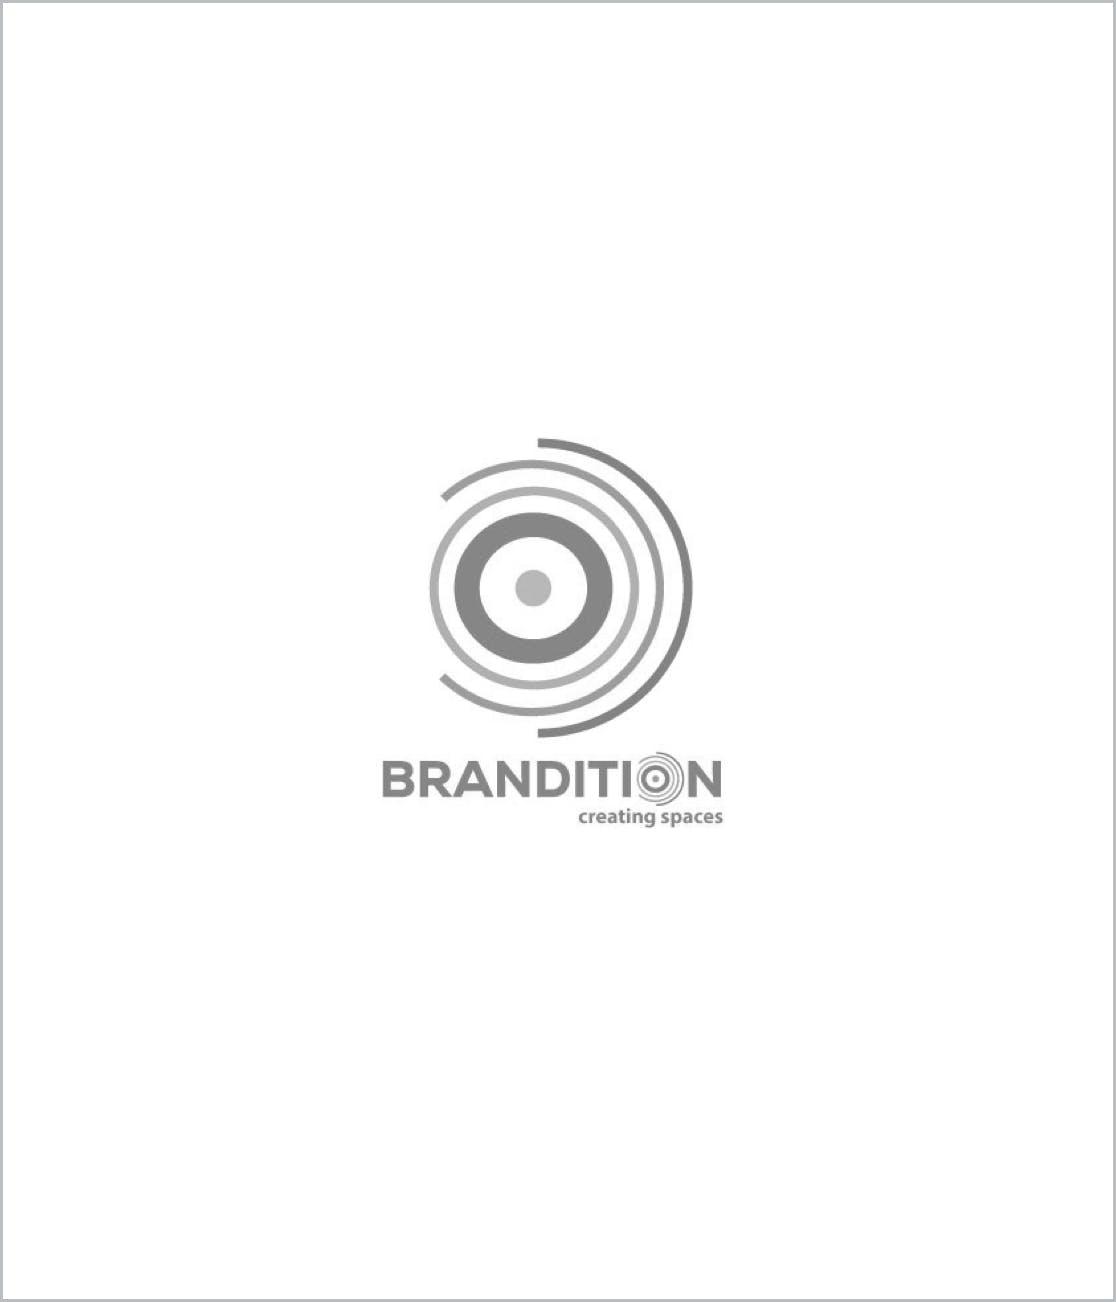 Brandition Logo Supplier